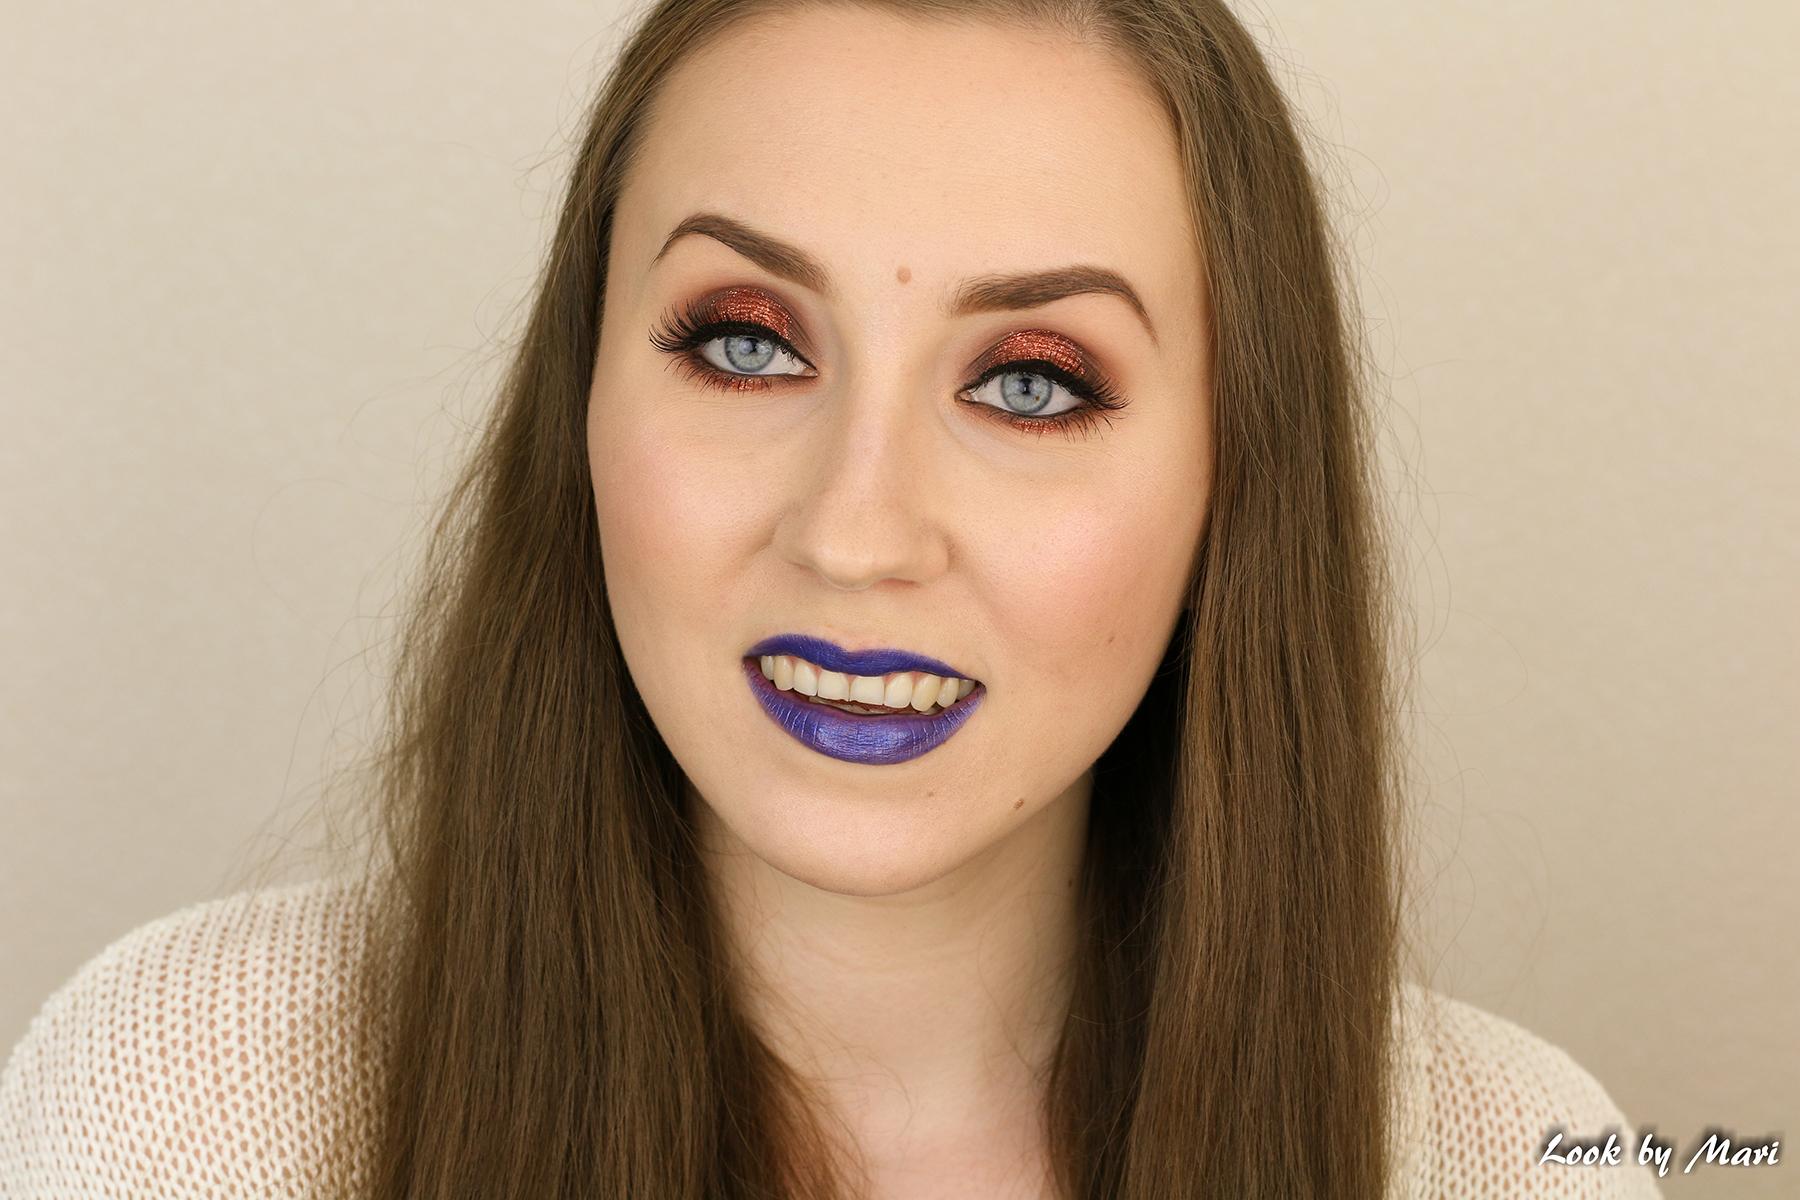 17 burnt orange glitter eye makeup tutorial inspo ideas blog